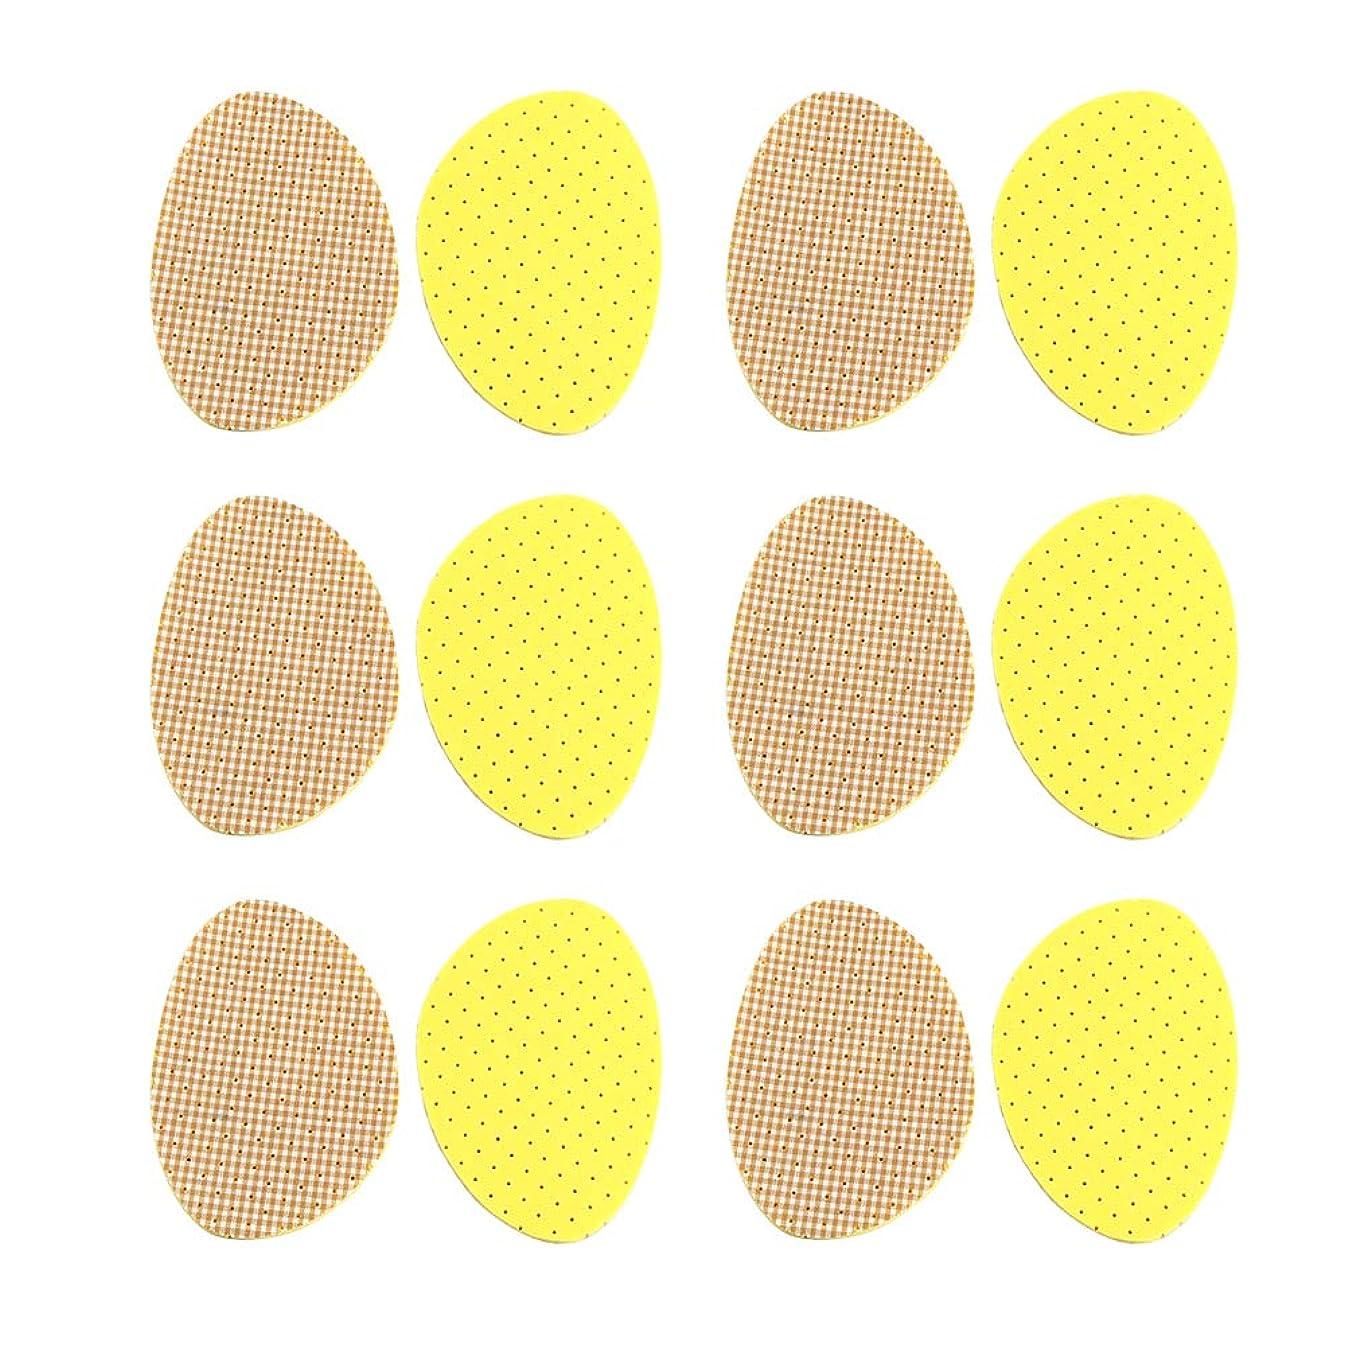 コンソール篭フォークHealifty インソール 足裏保護パッド つま先保護カバー 靴ずれ防止パッド 通気性 靴用 シューズパッドクッション 6ペア